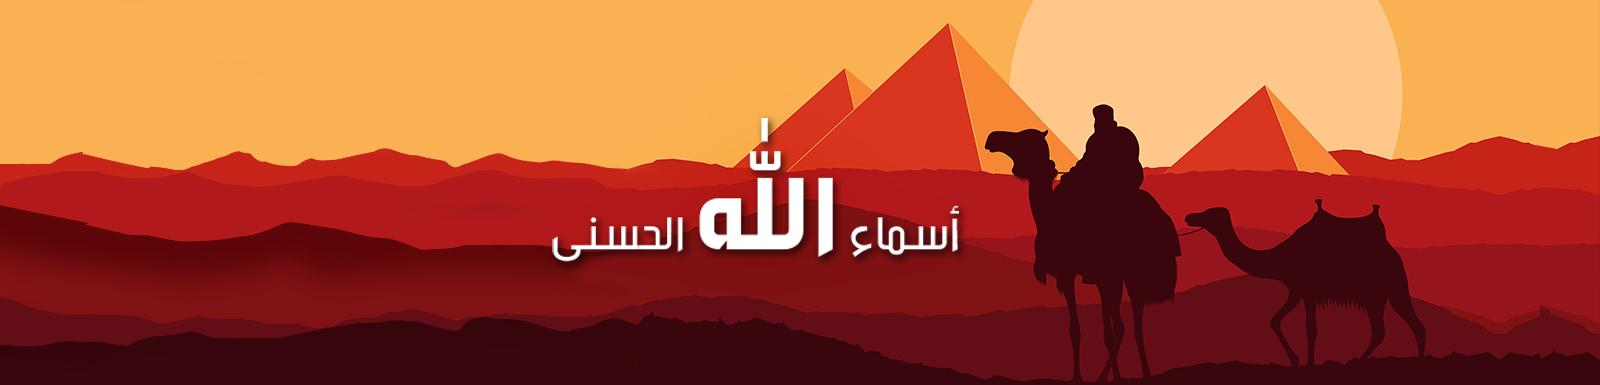 تحميل مسلسل اسماء الله الحسنى الحلقة 11